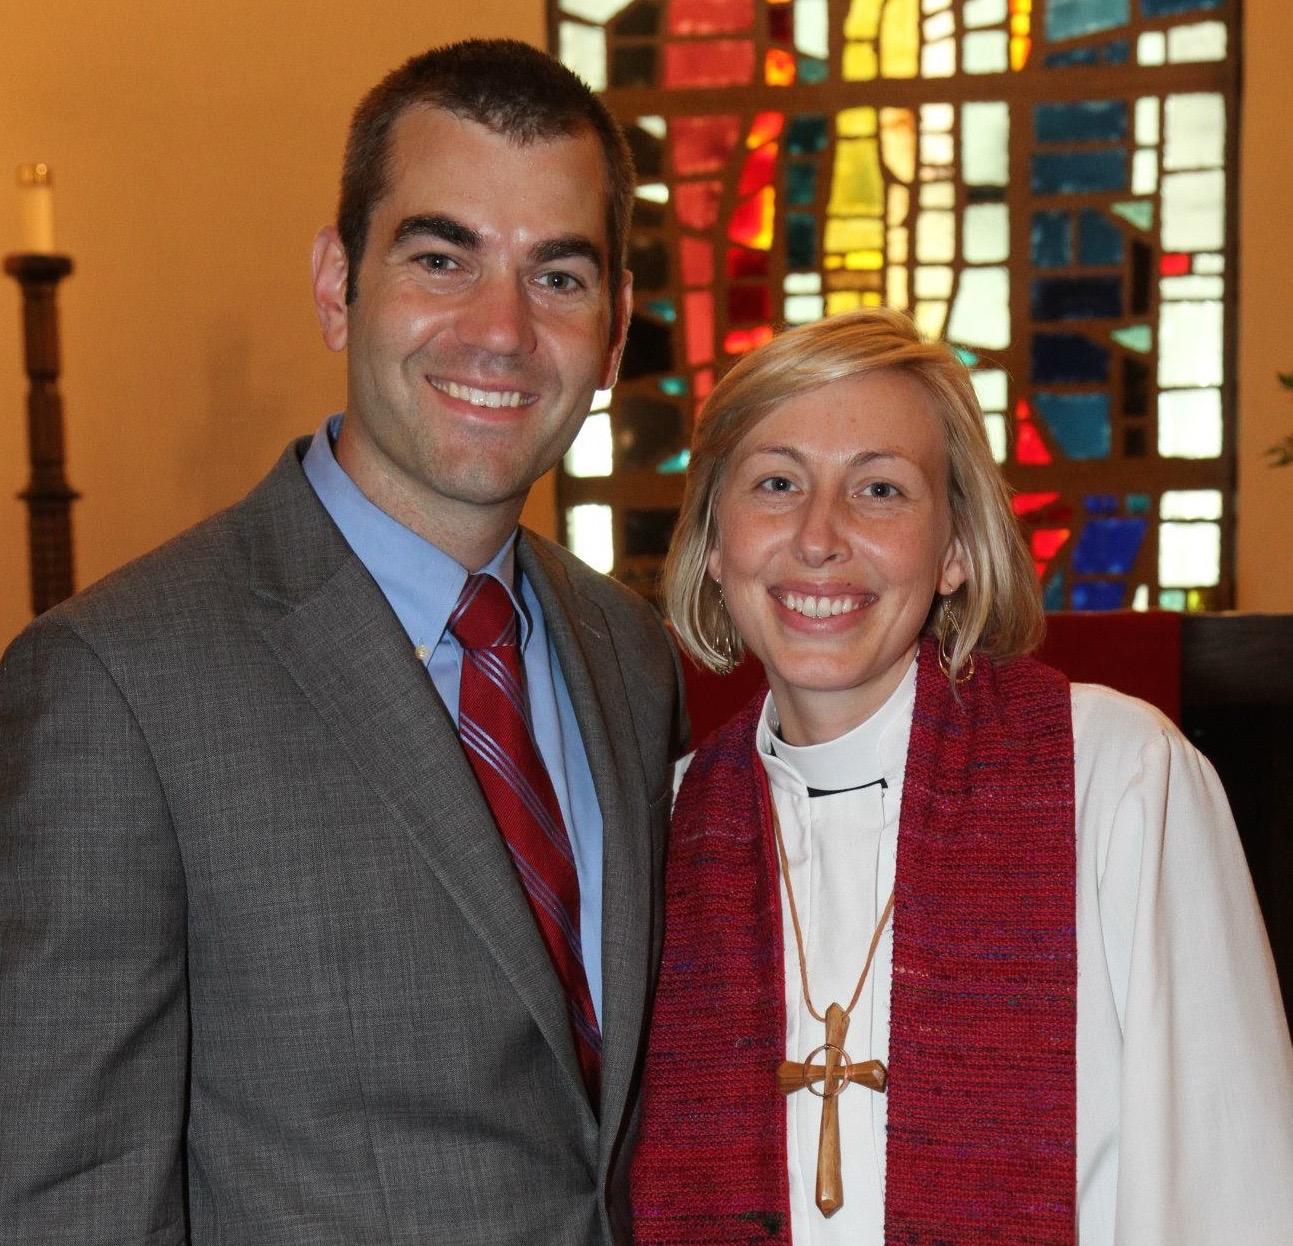 Paul and Ingrid Rasmussen